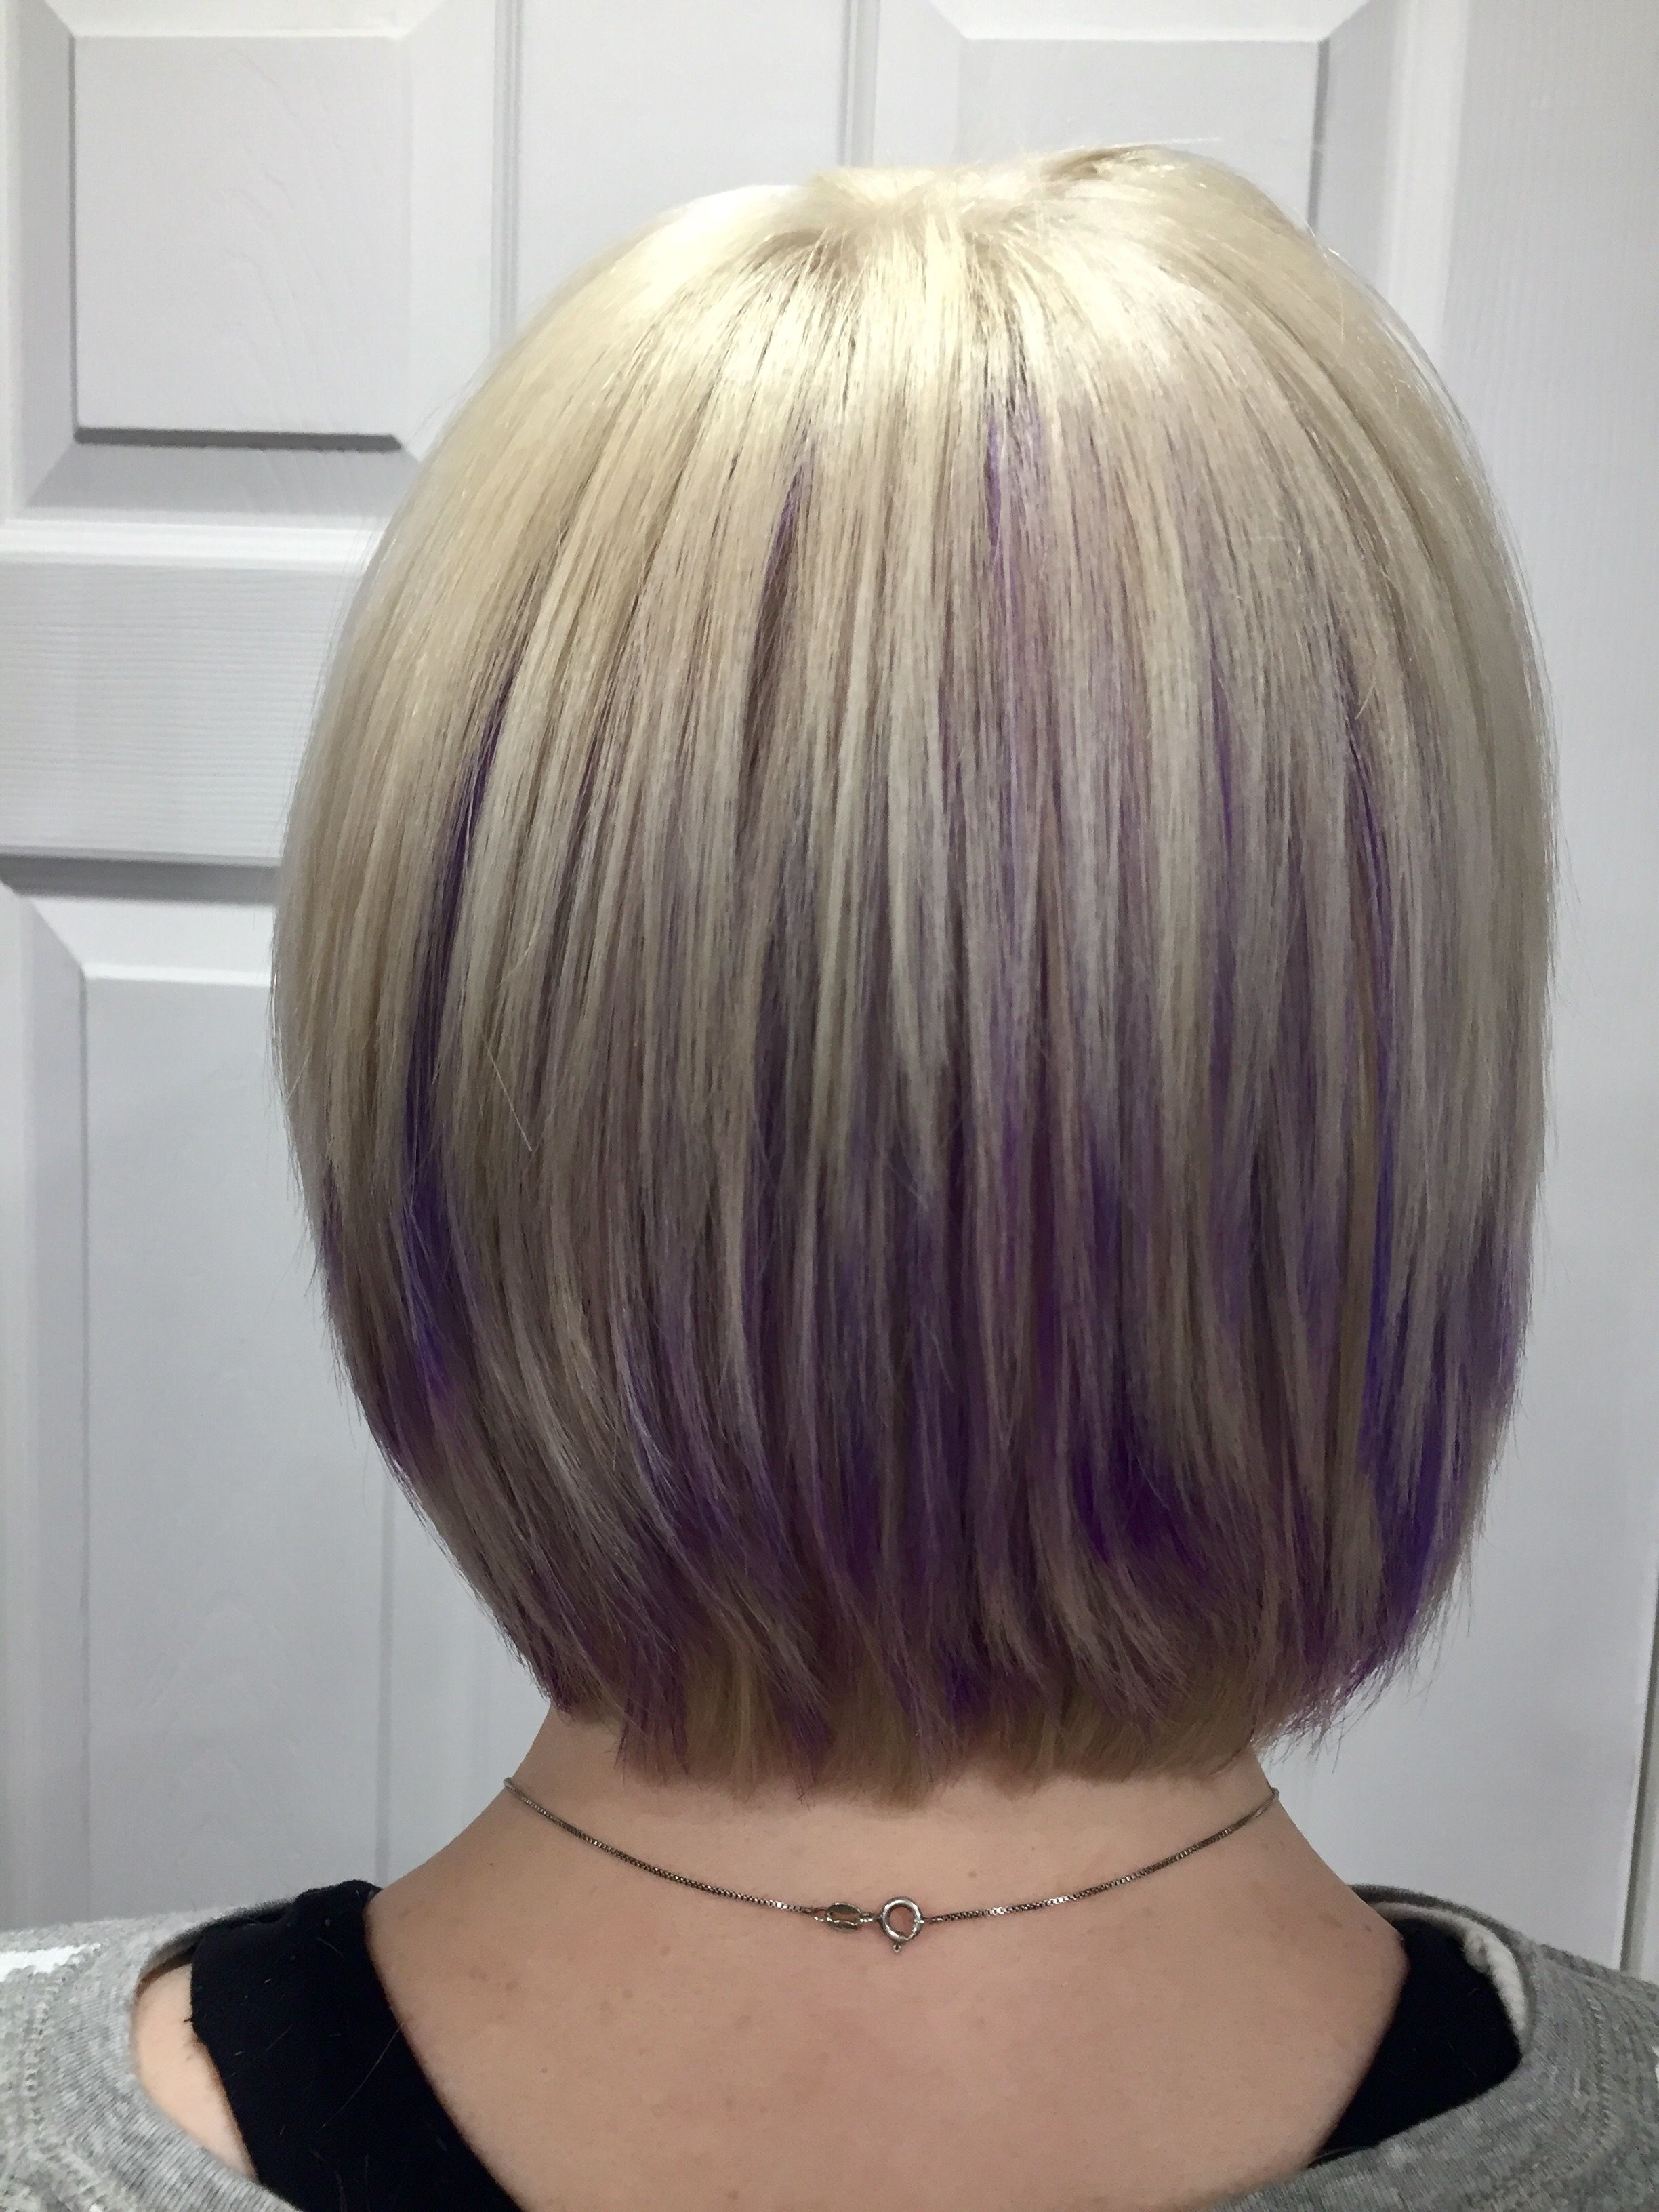 Hidden Purple Highlights Under Platinum Blonde Hair (View 9 of 20)